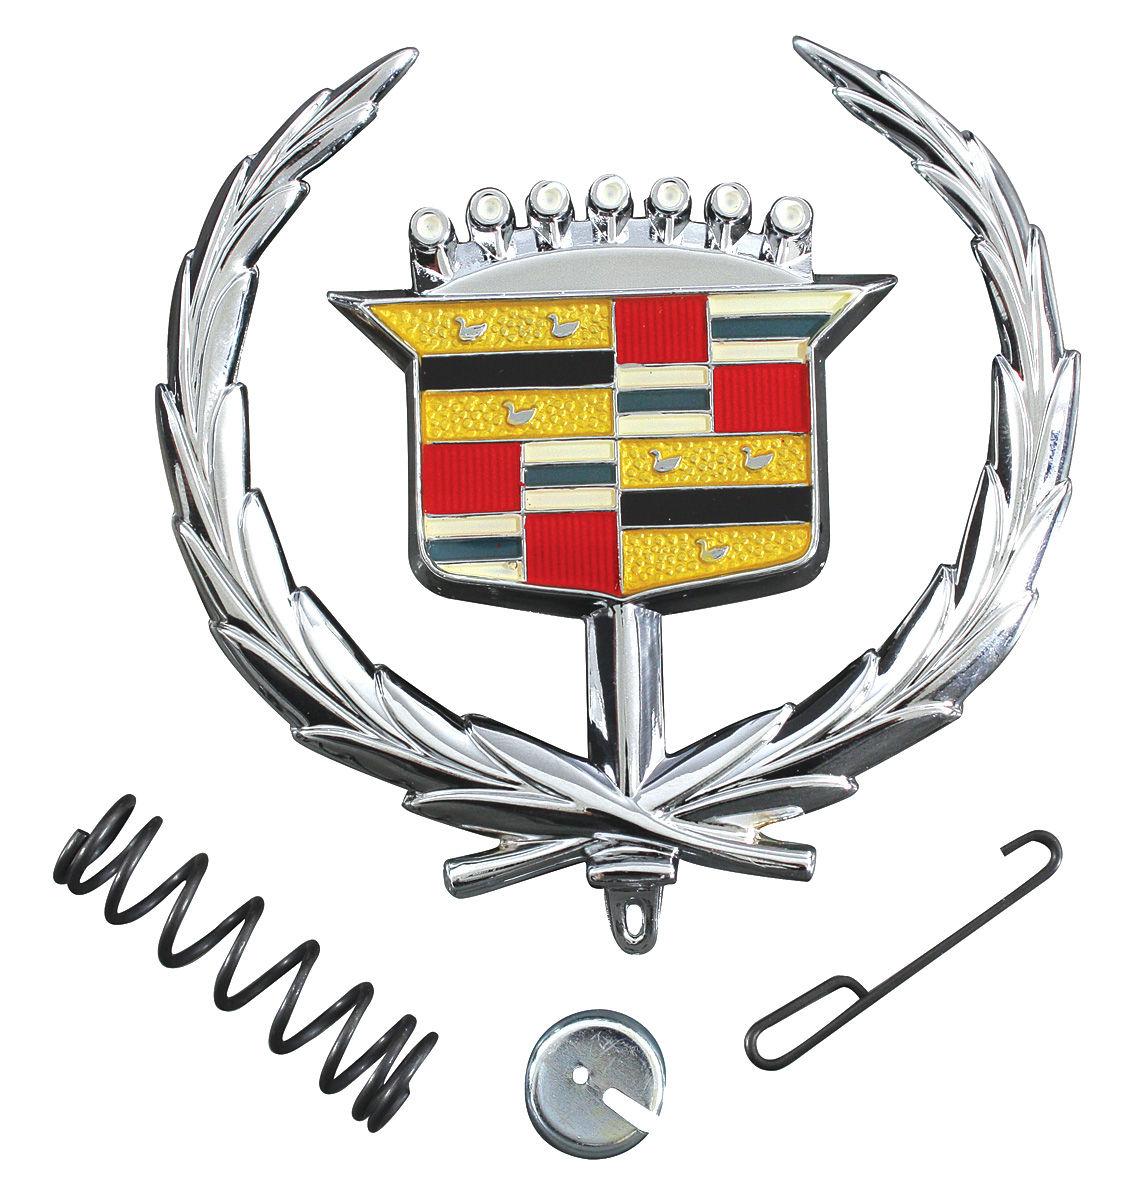 RESTOPARTS Cadillac Hood Ornament Emblem, 1971-76 Eldorado ...